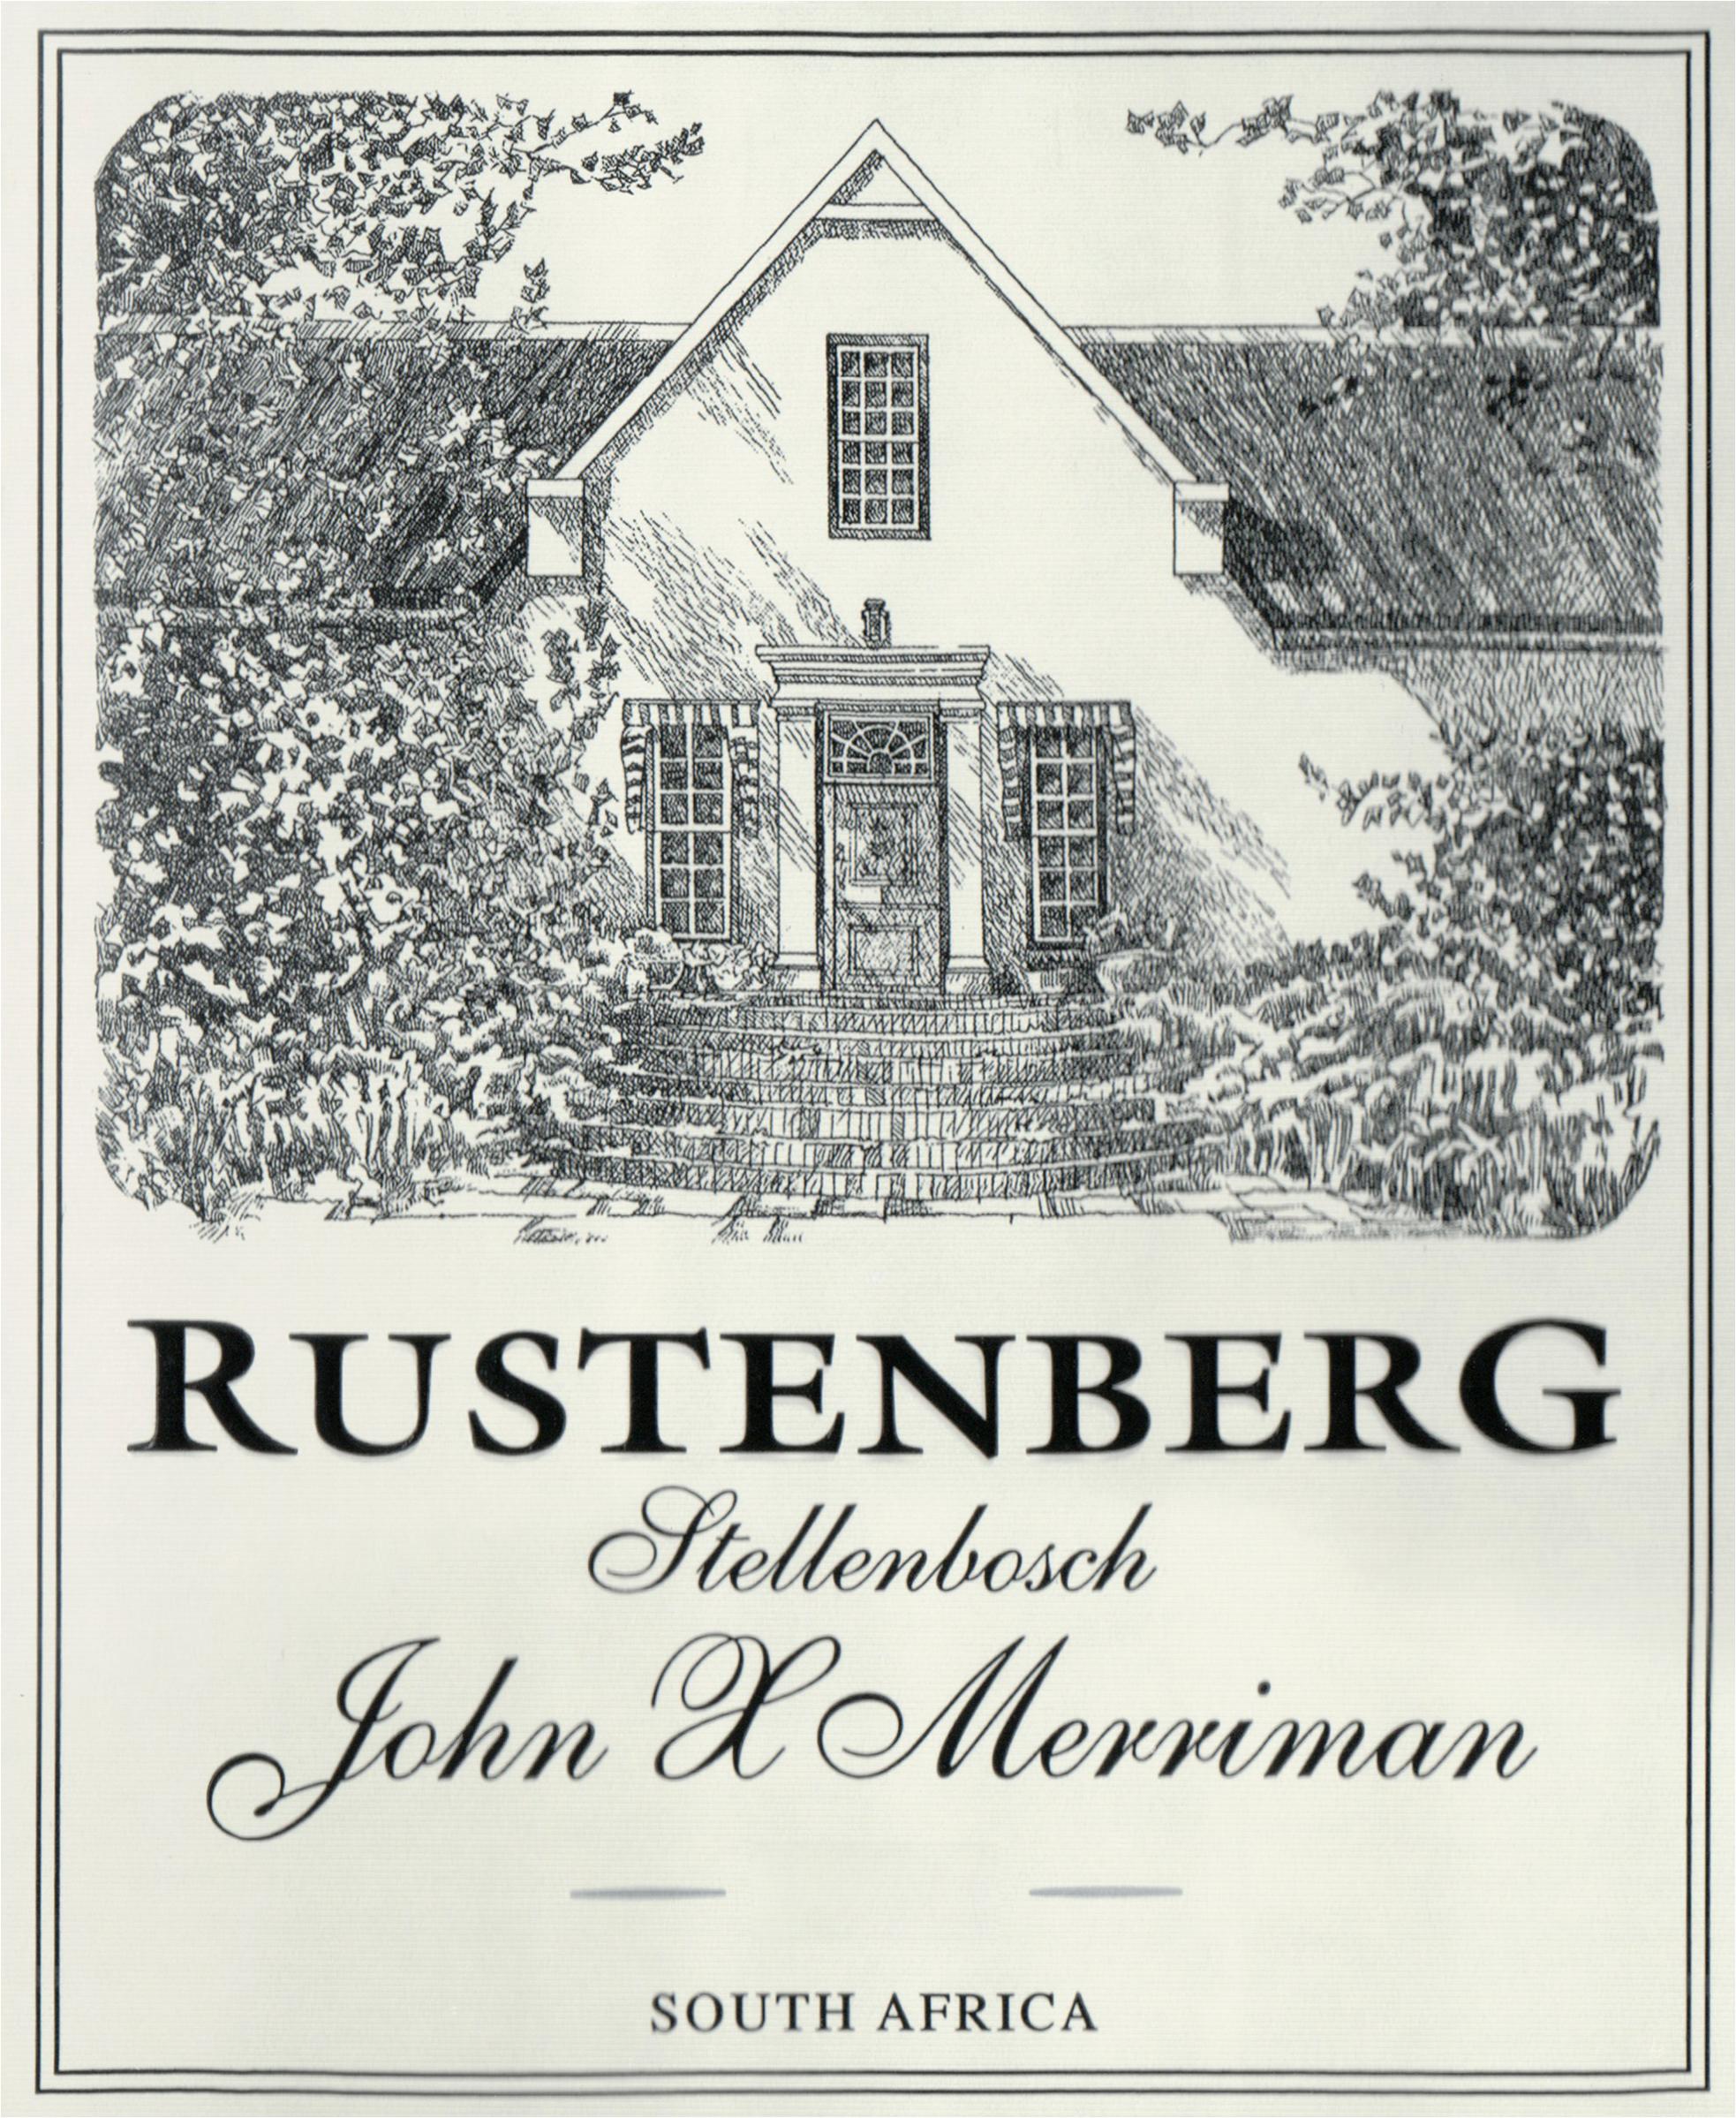 Rustenberg John X Merriman Red 2018